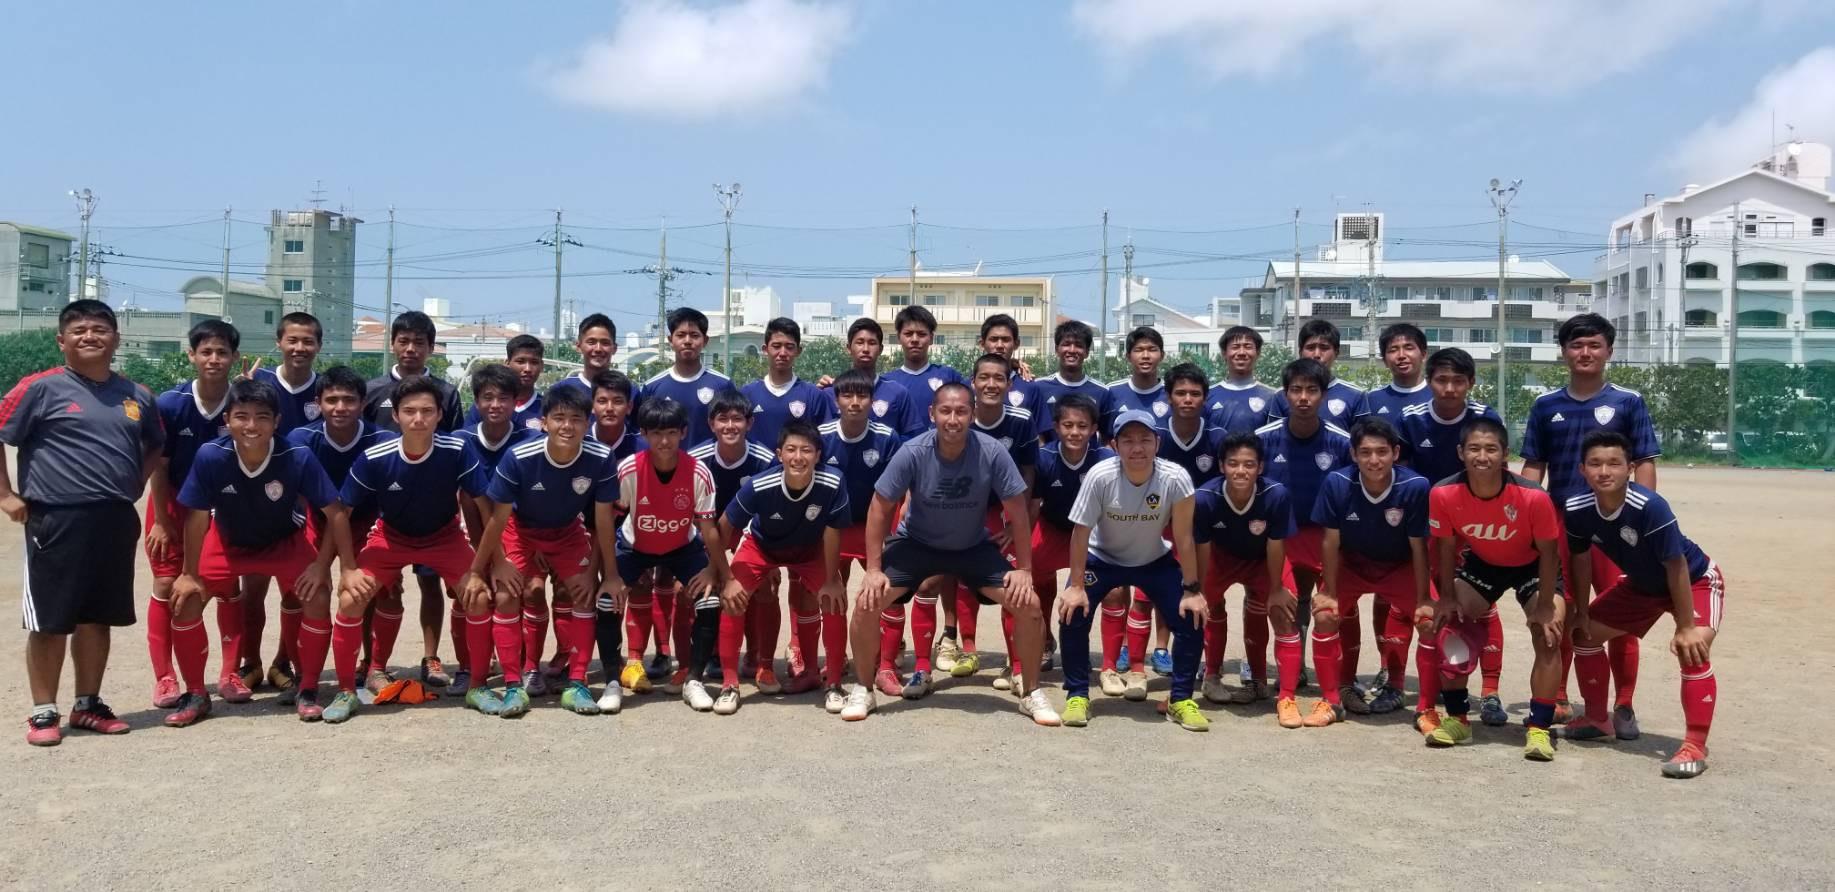 沖縄の強豪、那覇西高校サッカー部にて3日間メンタルトレーニングを行いました。